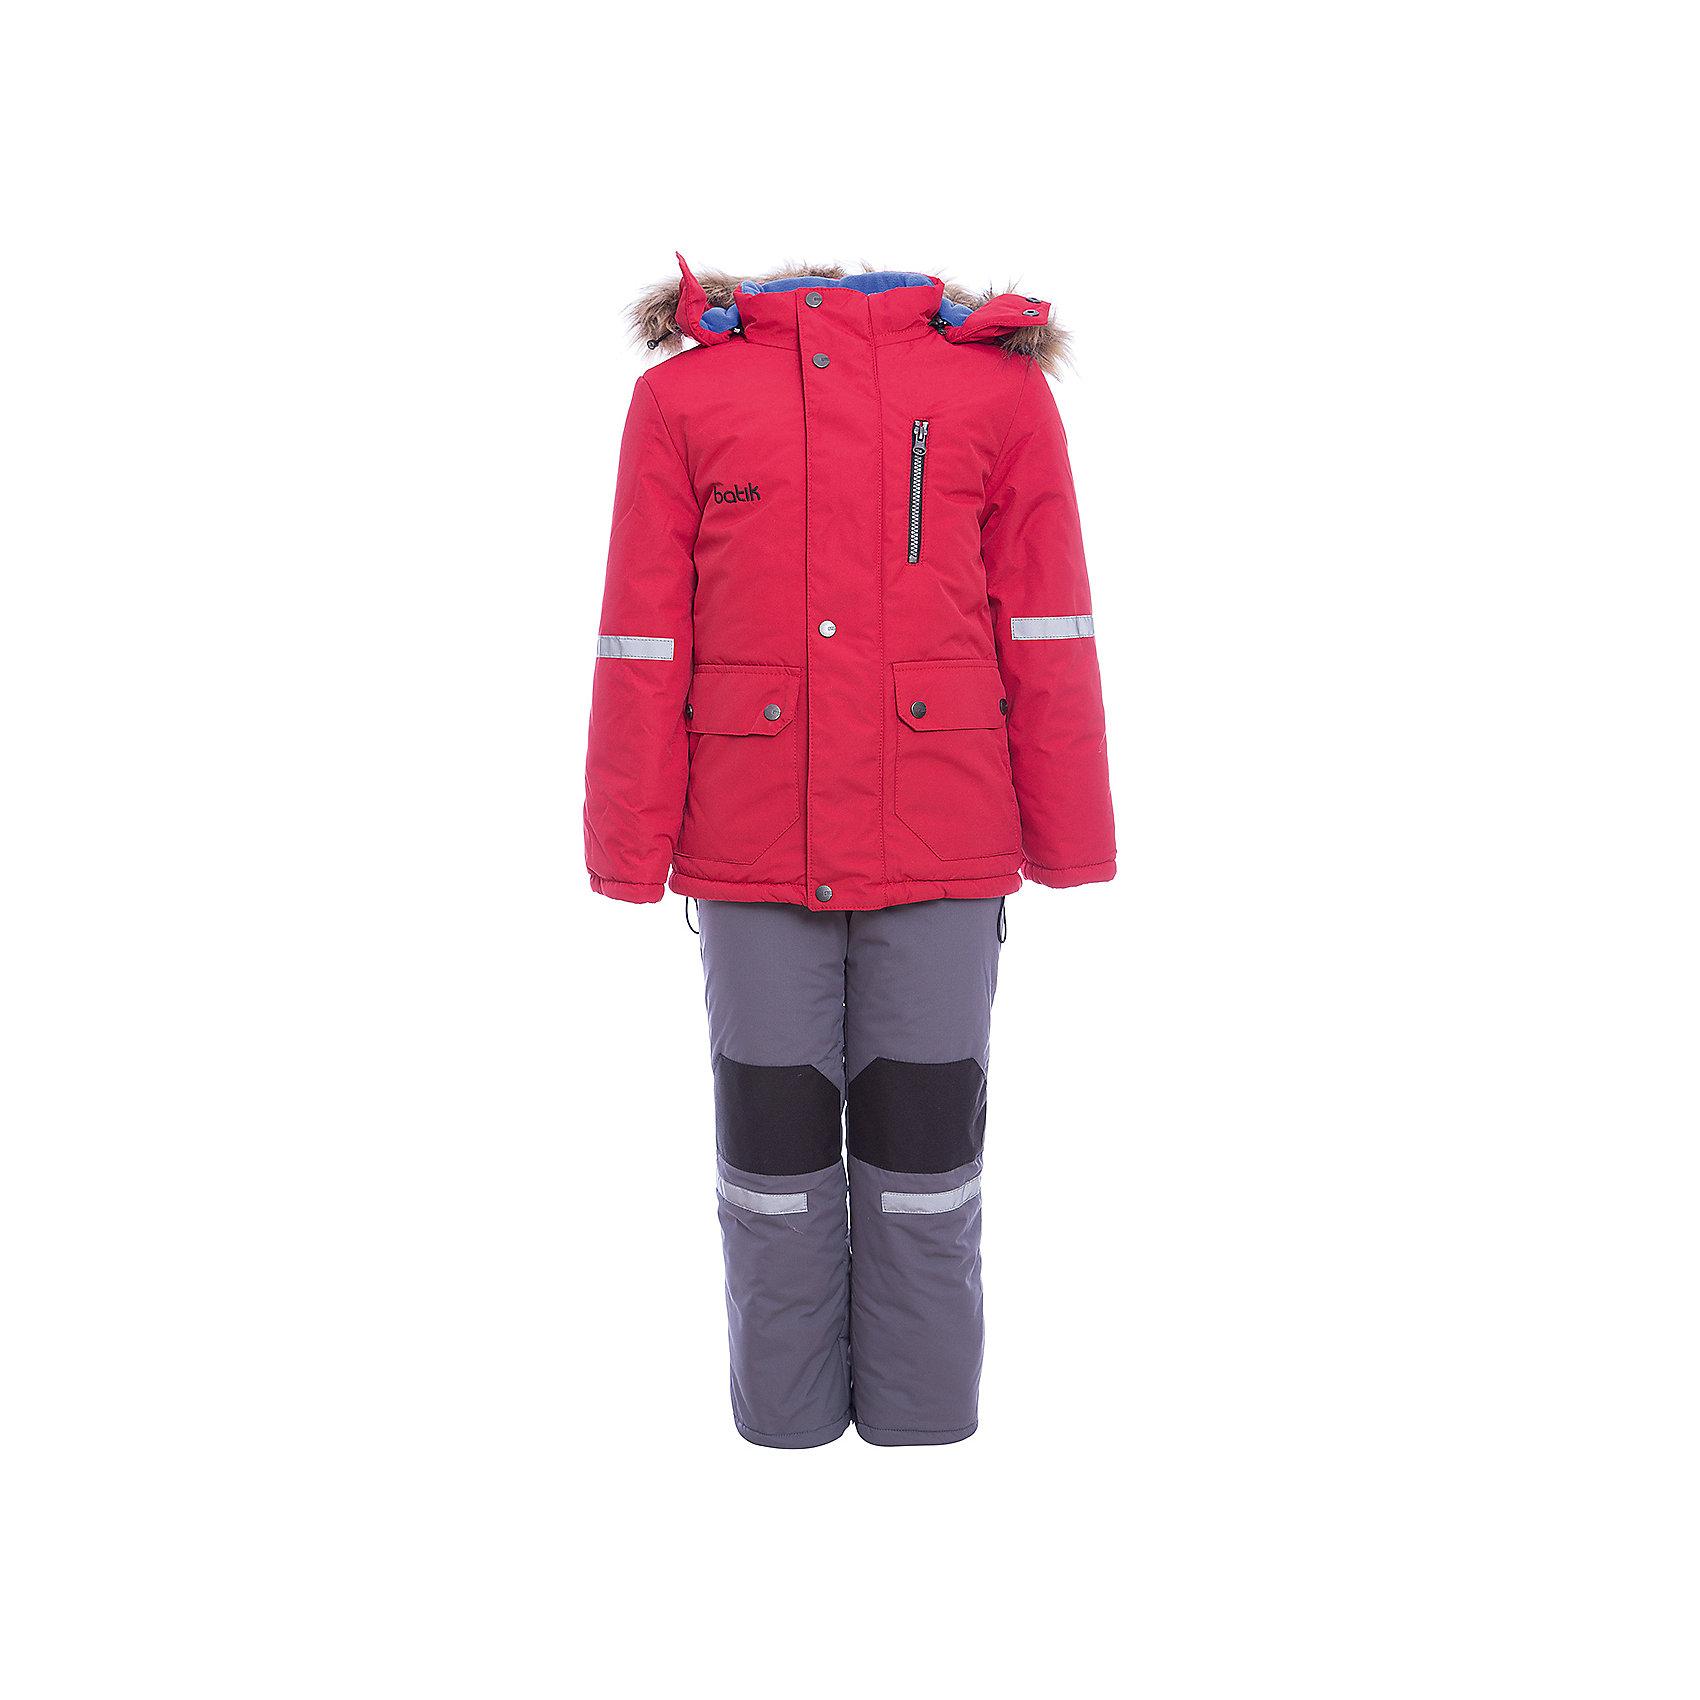 Комплект: куртка и полукомбенизон Артур Batik для мальчикаВерхняя одежда<br>Характеристики товара:<br><br>• цвет: красный<br>• комплектация: куртка и полукомбинезон <br>• состав ткани: таслан<br>• подкладка: поларфлис<br>• утеплитель: шелтер<br>• сезон: зима<br>• мембранное покрытие<br>• температурный режим: от -35 до 0<br>• водонепроницаемость: 5000 мм <br>• паропроницаемость: 5000 г/м2<br>• плотность утеплителя: куртка - 350 г/м2, полукомбинезон - 200 г/м2<br>• застежка: молния<br>• капюшон: с мехом, отстегивается<br>• встроенный термодатчик<br>• износостойкие вставки на брюках<br>• страна бренда: Россия<br>• страна изготовитель: Россия<br><br>Непромокаемый и непродуваемый детский комплект дополнен термодатчиком и отворотами, с помощью которых можно увеличить размер. Зимний мембранный комплект для мальчика легко чистится и долго служит. Детский комплект сделан легкого, но теплого материала. Зимний комплект для ребенка отличается стильным дизайном. <br><br>Комплект: куртка и полукомбинезон Артур Batik (Батик) для мальчика можно купить в нашем интернет-магазине.<br><br>Ширина мм: 356<br>Глубина мм: 10<br>Высота мм: 245<br>Вес г: 519<br>Цвет: красный<br>Возраст от месяцев: 24<br>Возраст до месяцев: 36<br>Пол: Мужской<br>Возраст: Детский<br>Размер: 104,110,116,122,80,86,92,98<br>SKU: 7027993